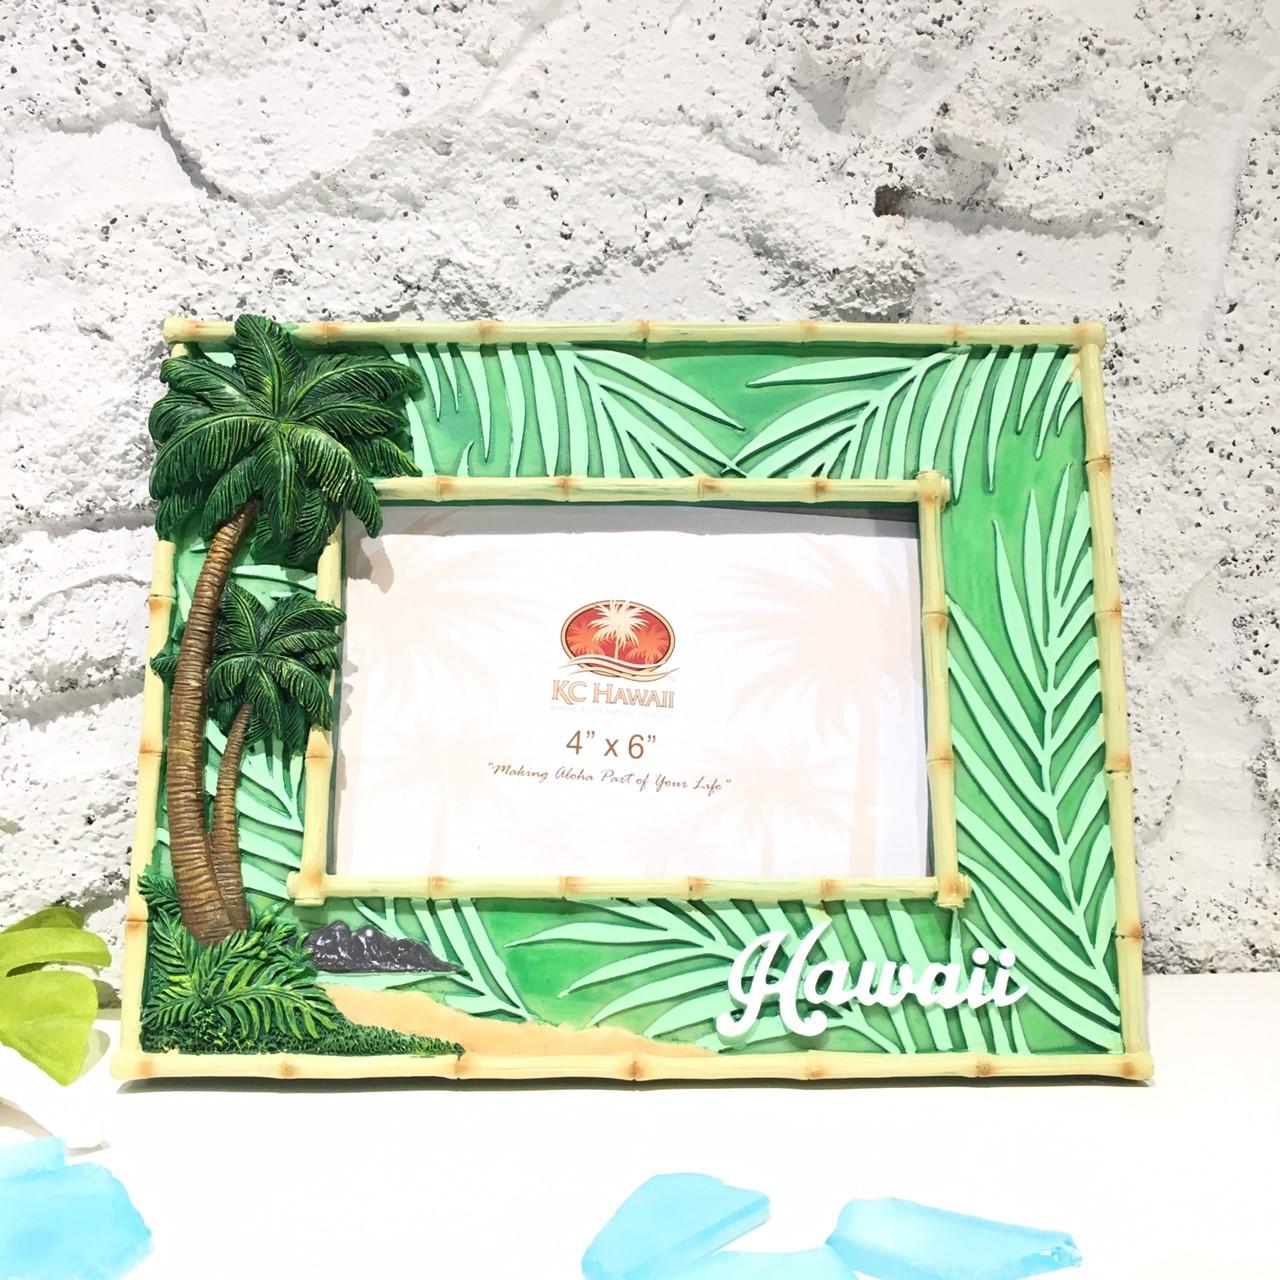 レジンハワイアンフォトフレームパームツリー【ハワイアン雑貨